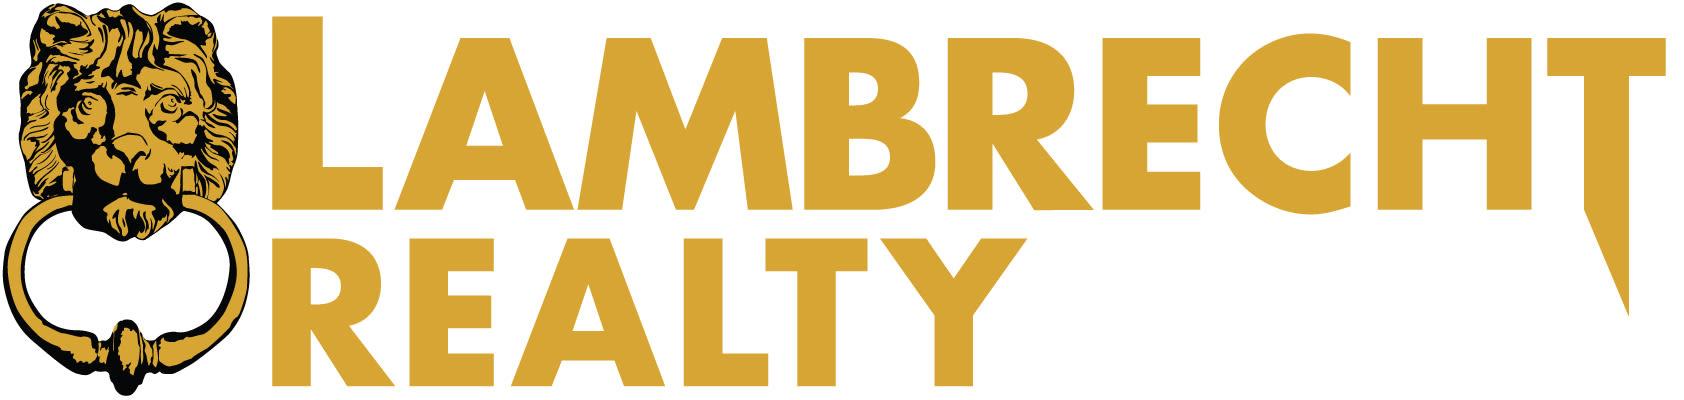 Lambrecht Realty LLC.